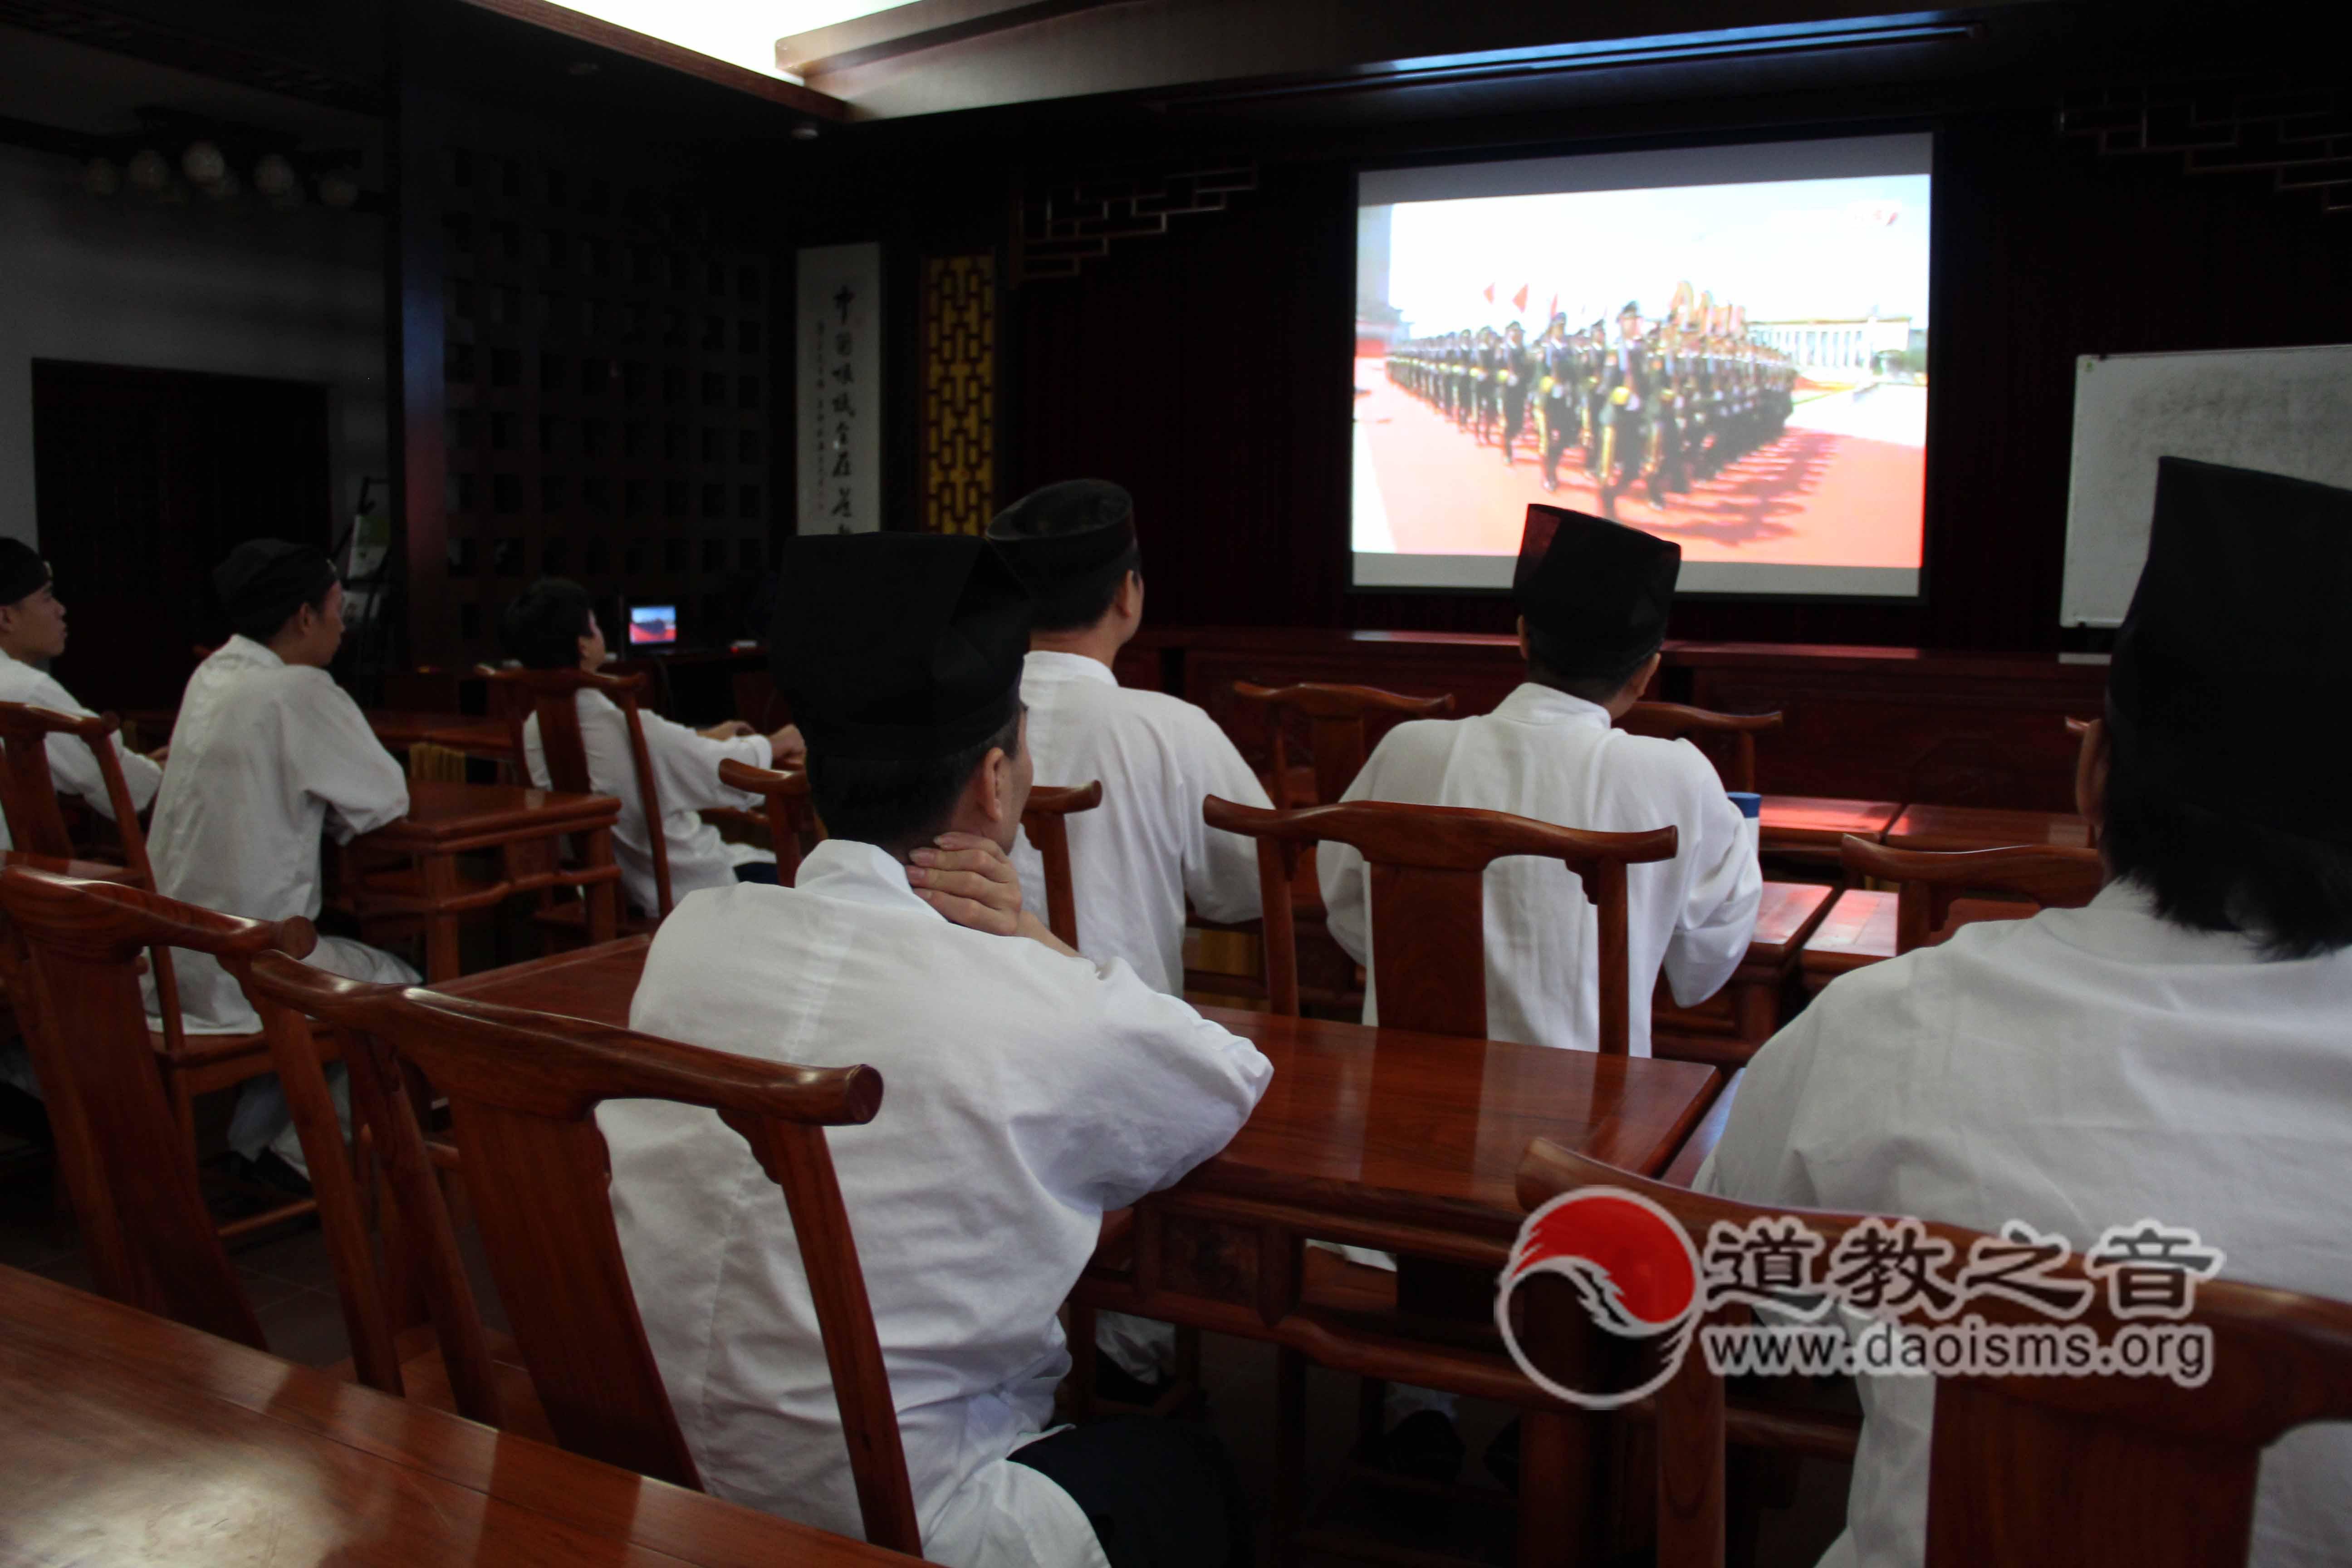 广州道教纯阳观举办抗战暨世界反法西斯战争胜利70周年纪念活动